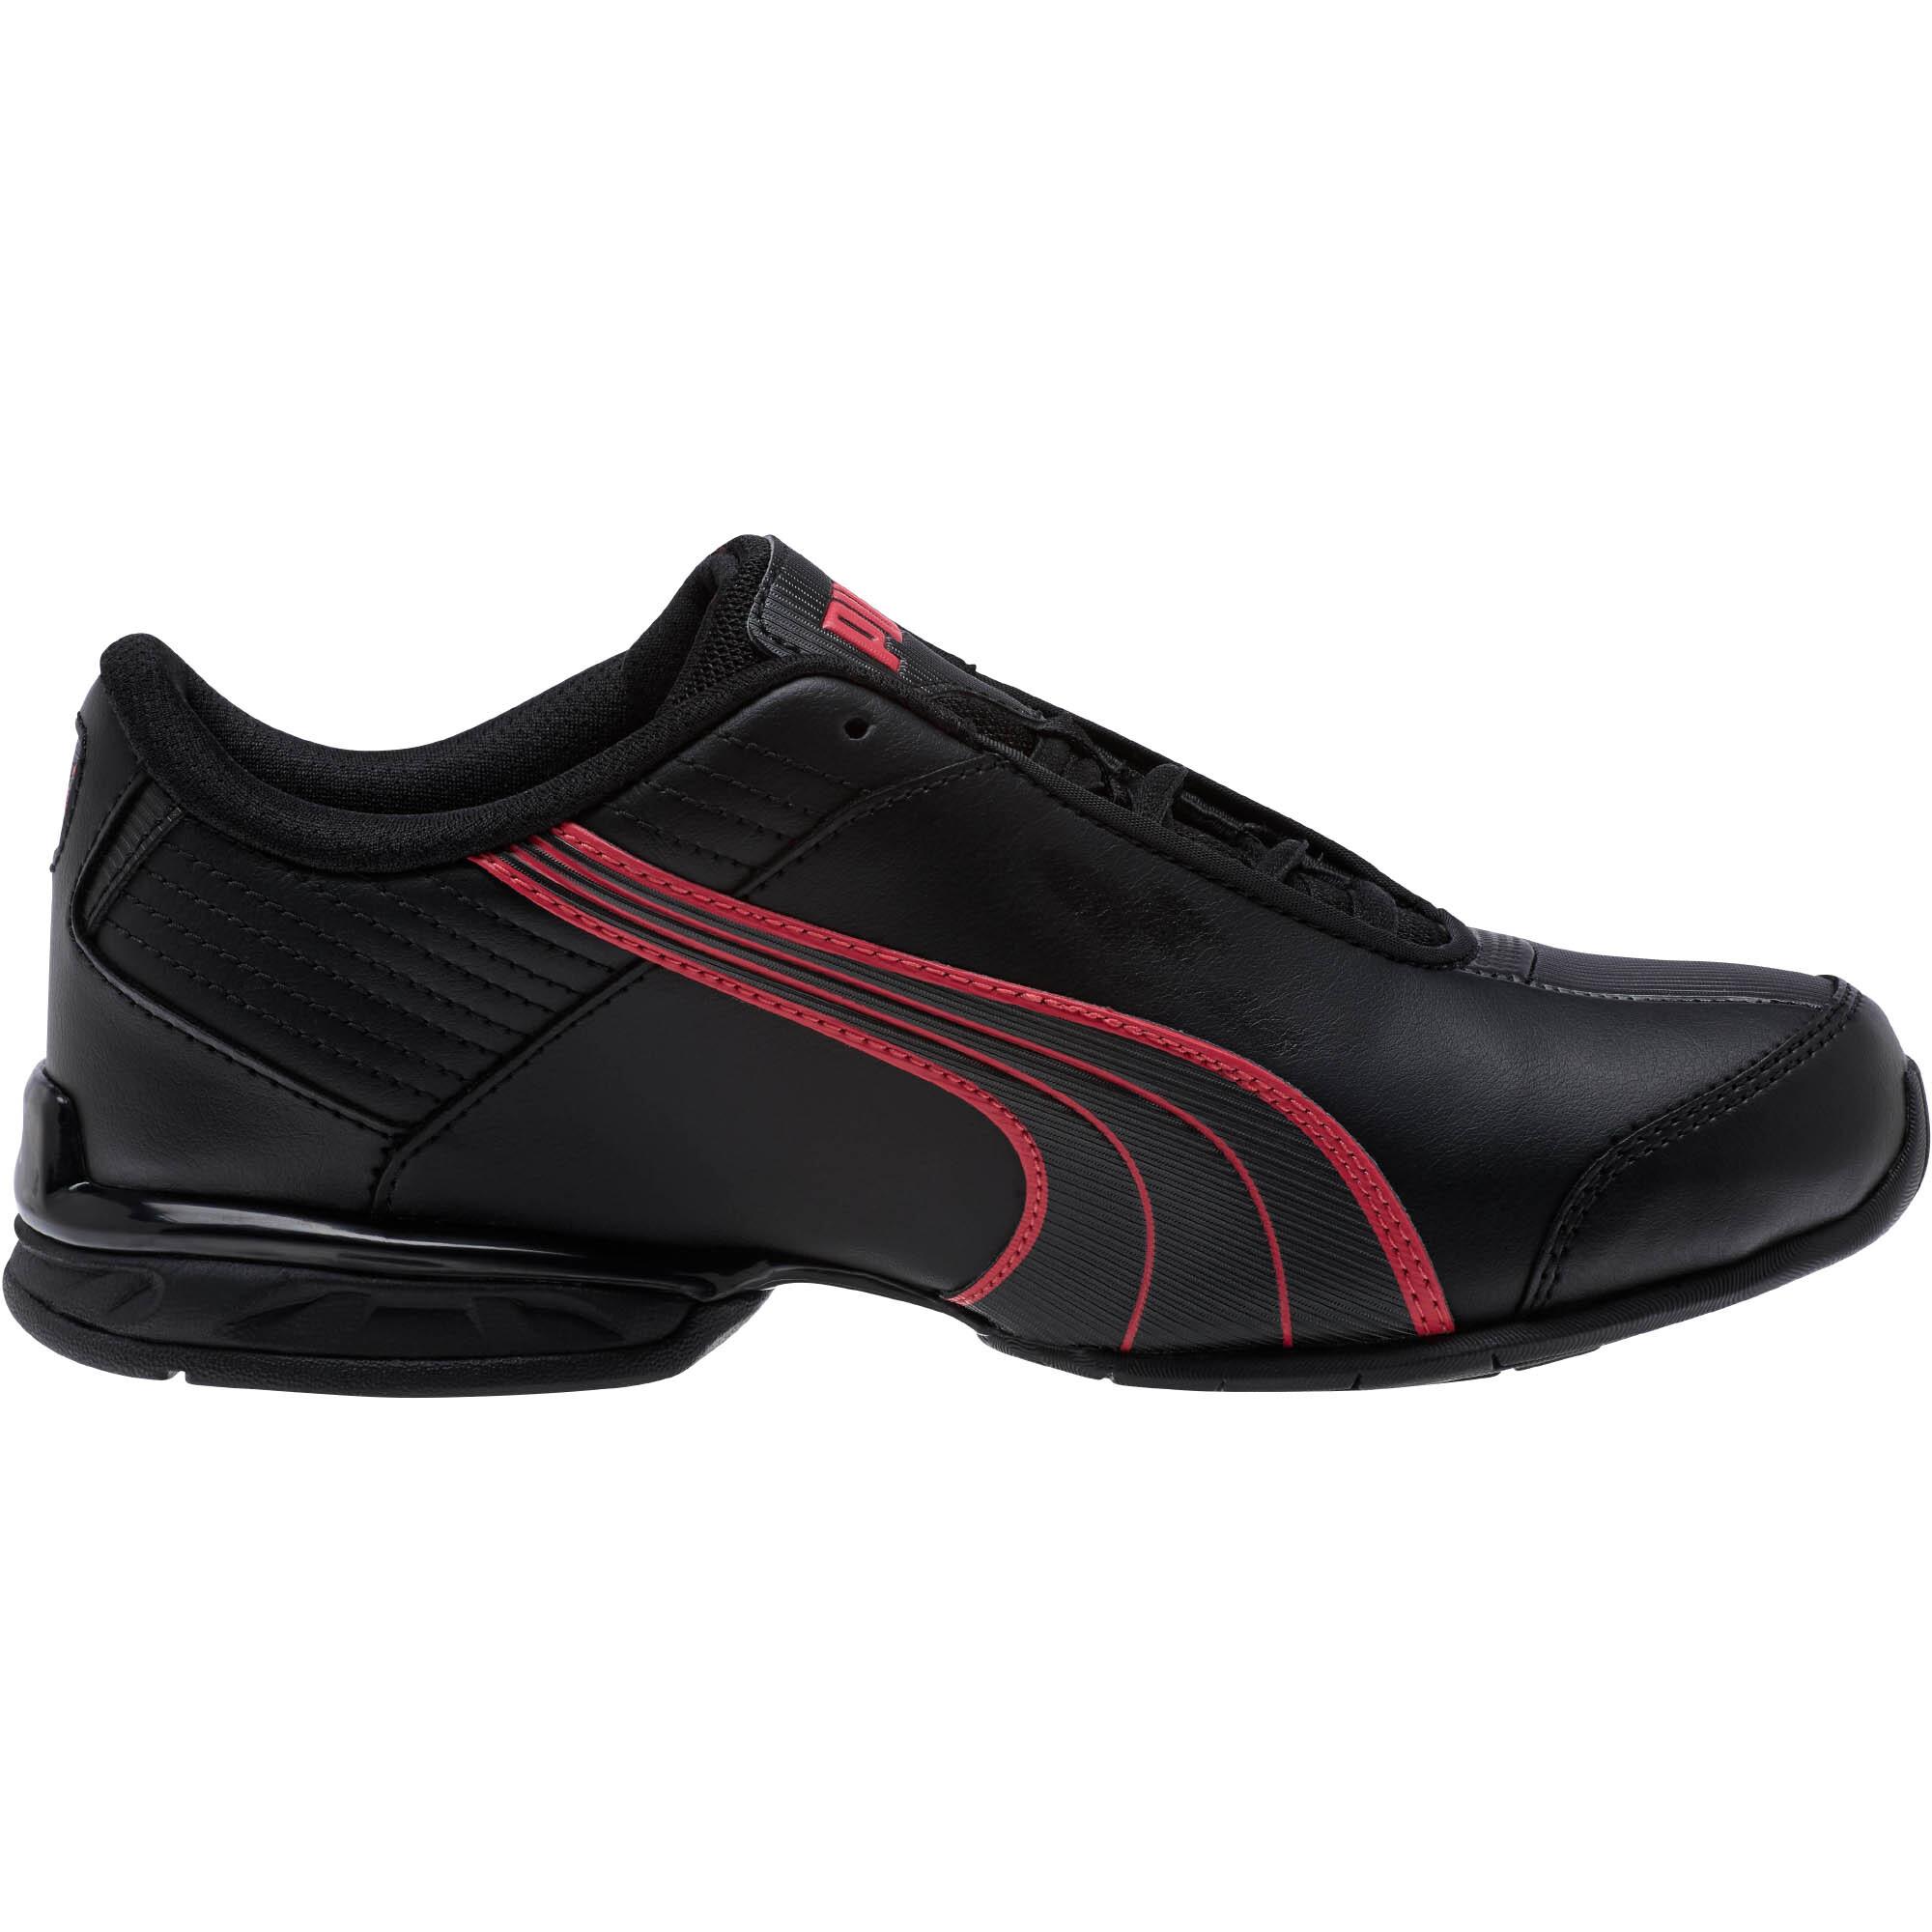 PUMA-Super-Elevate-Women-039-s-Training-Shoes-Women-Shoe-Running thumbnail 5